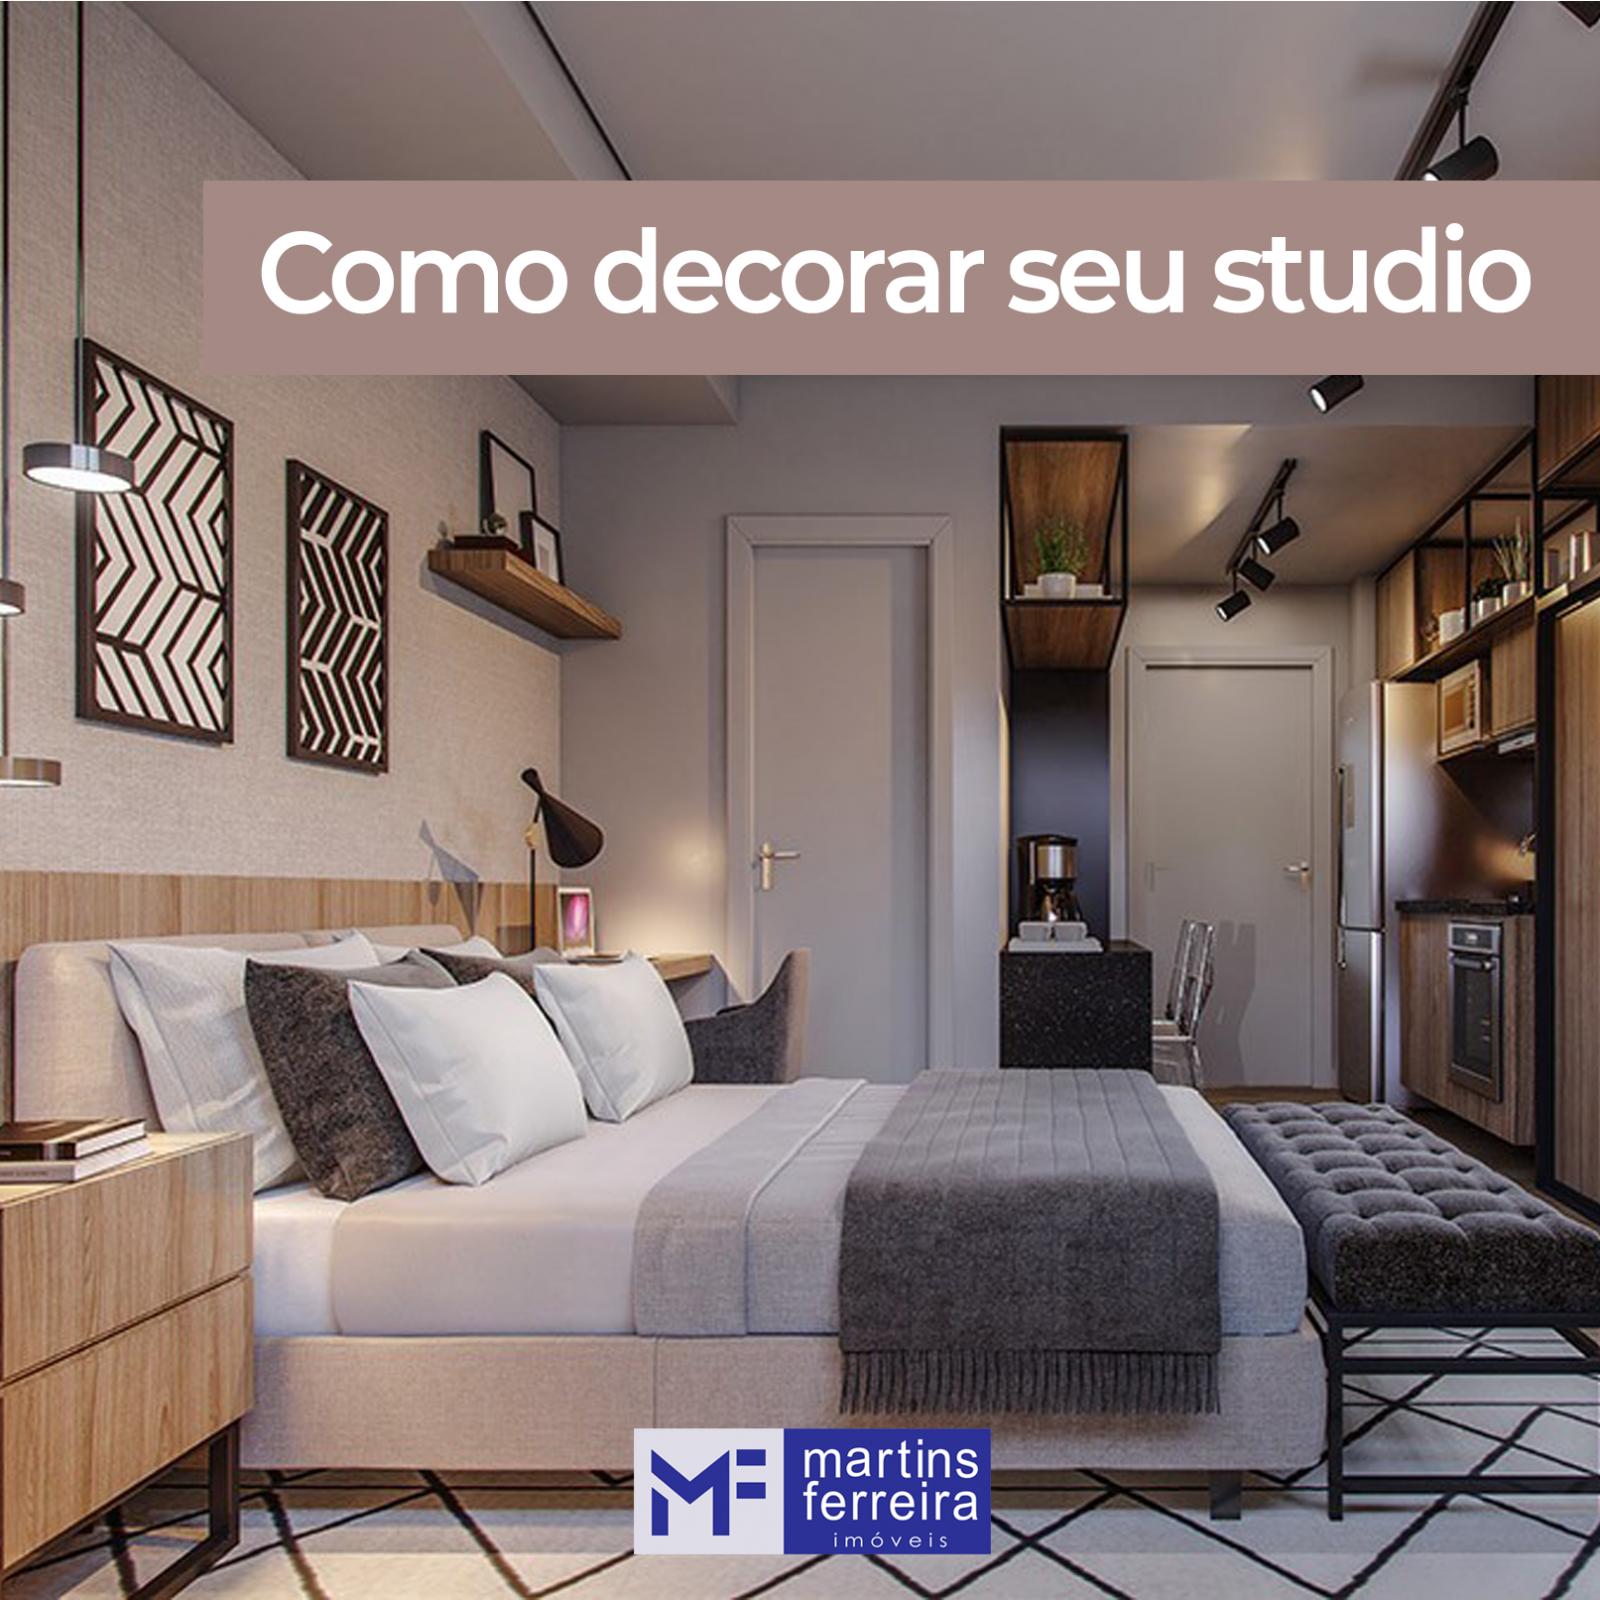 Minimalismo e versatilidade: 5 dicas para viver bem em um apartamento Studio